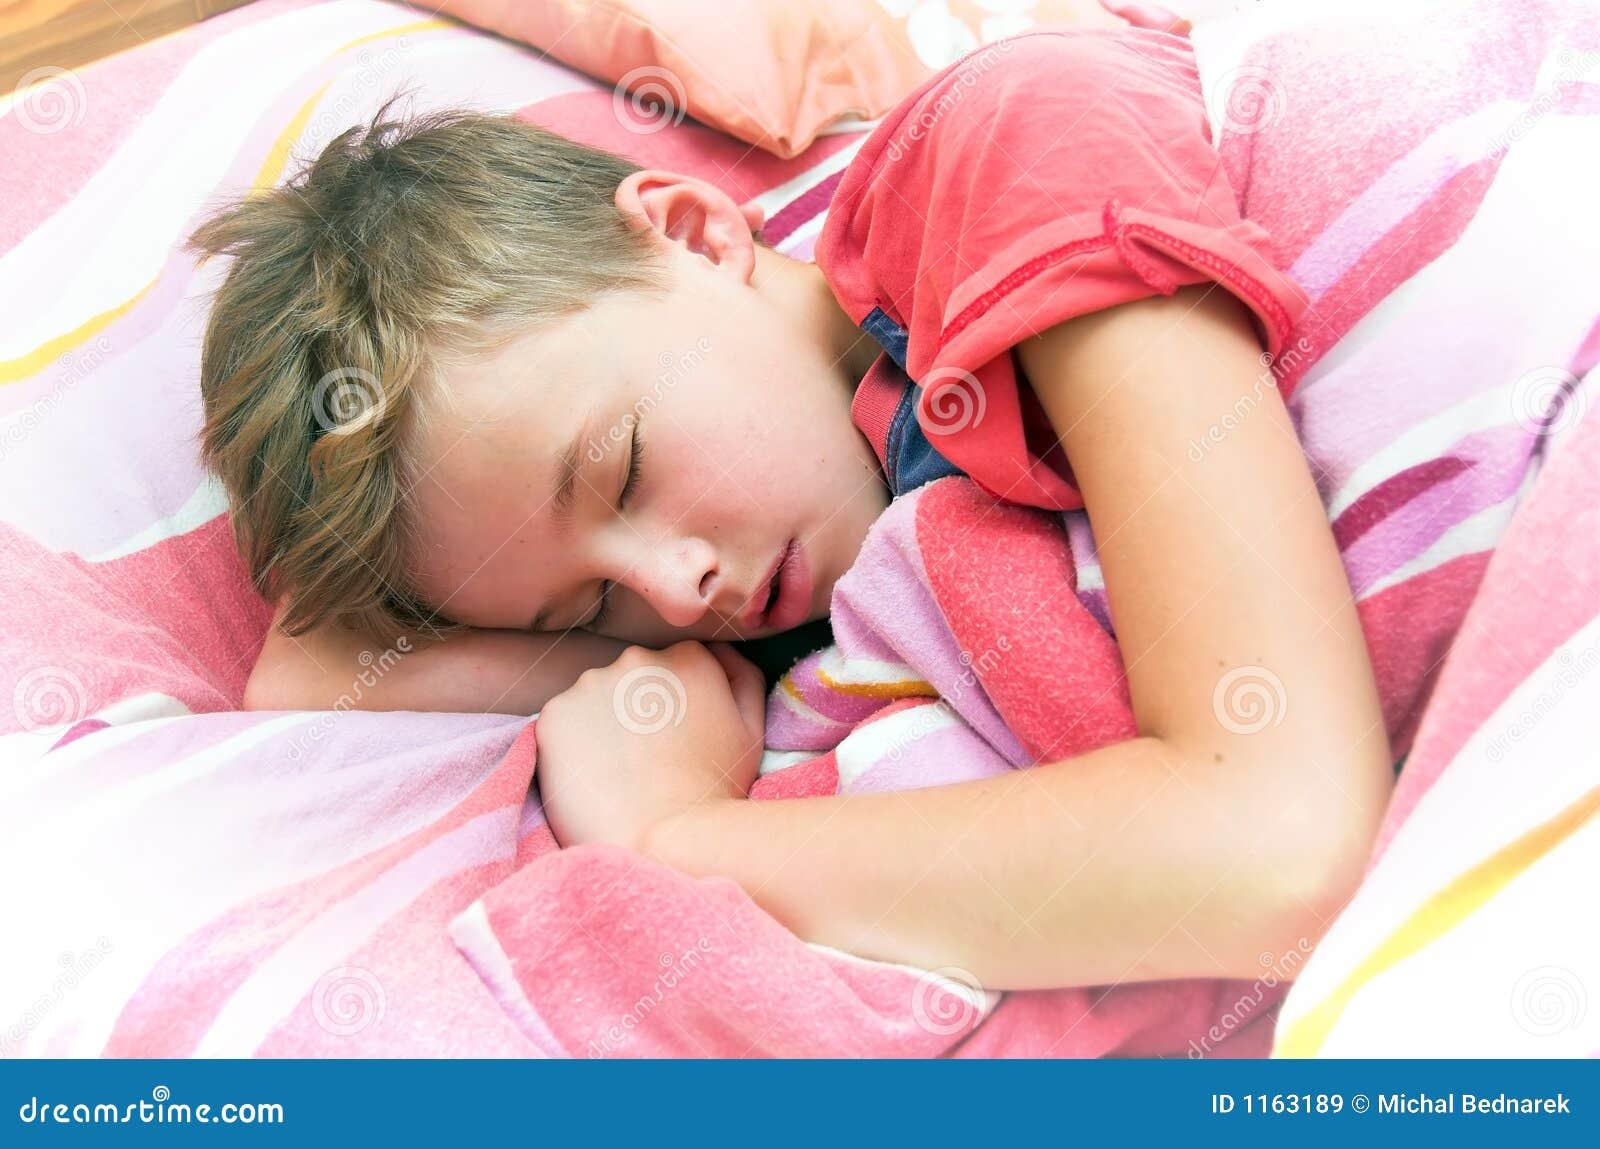 His Sleeping Teen Beauty 69